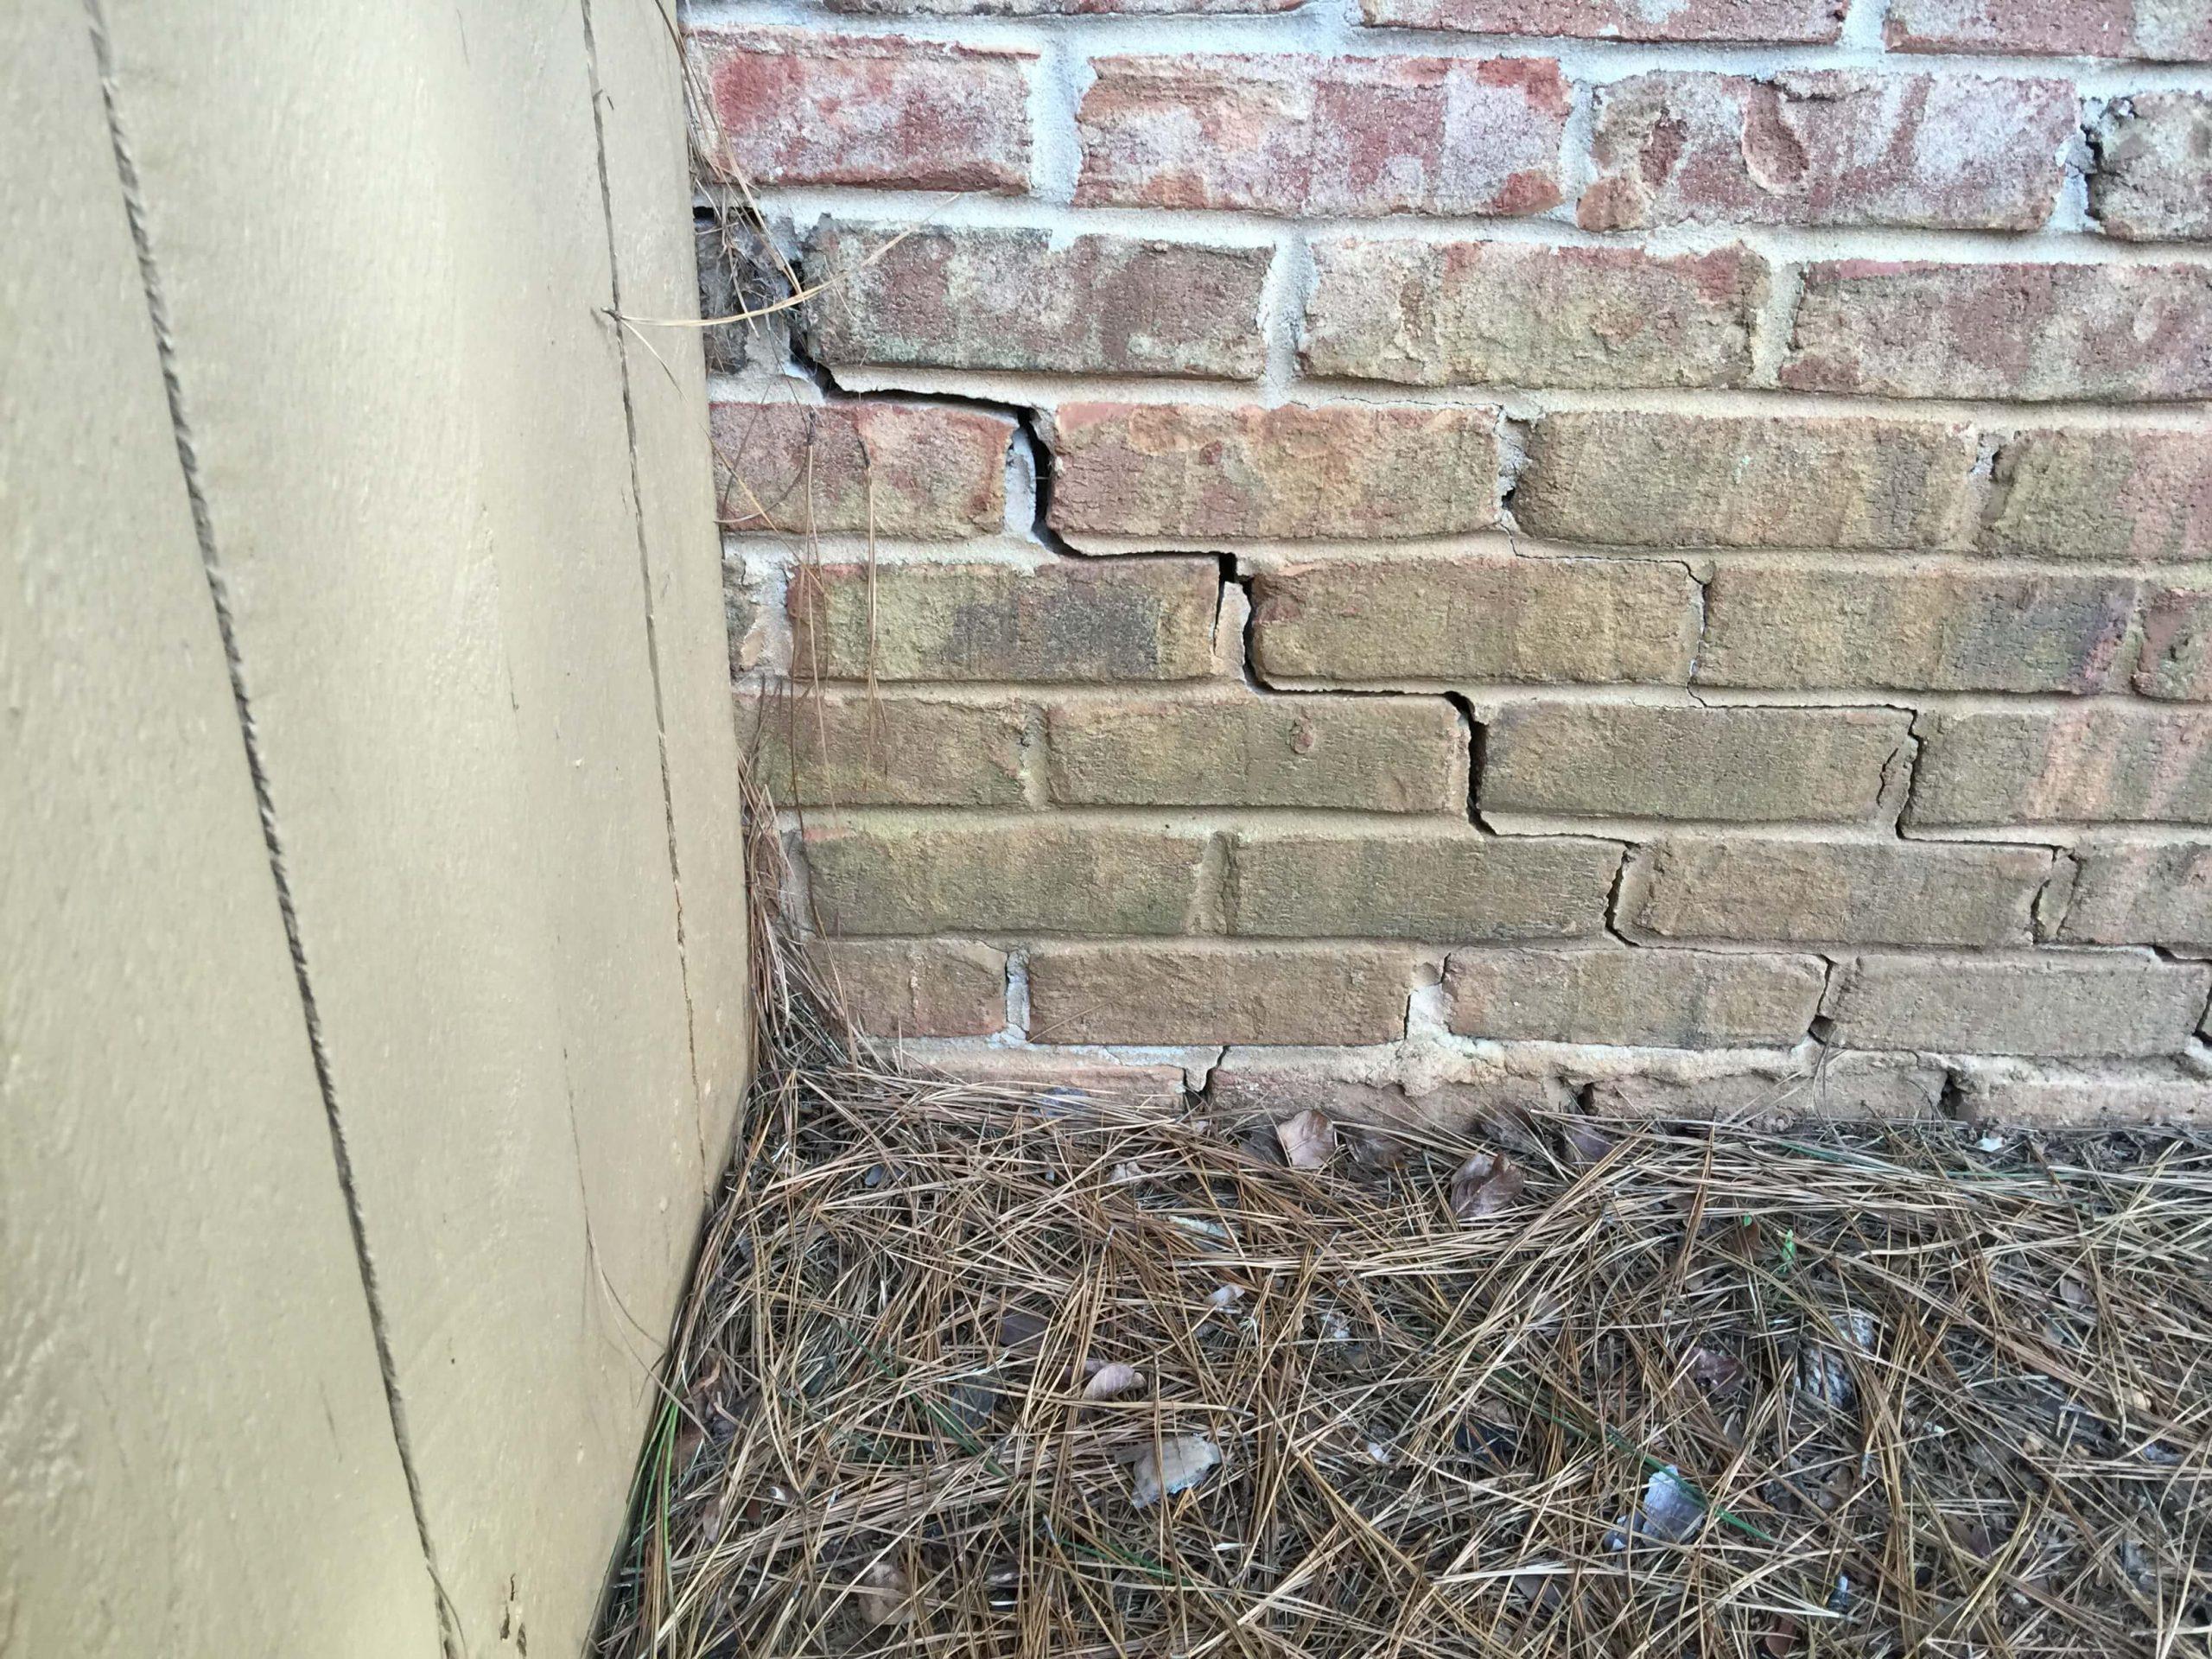 Stair Step Crack in Brick